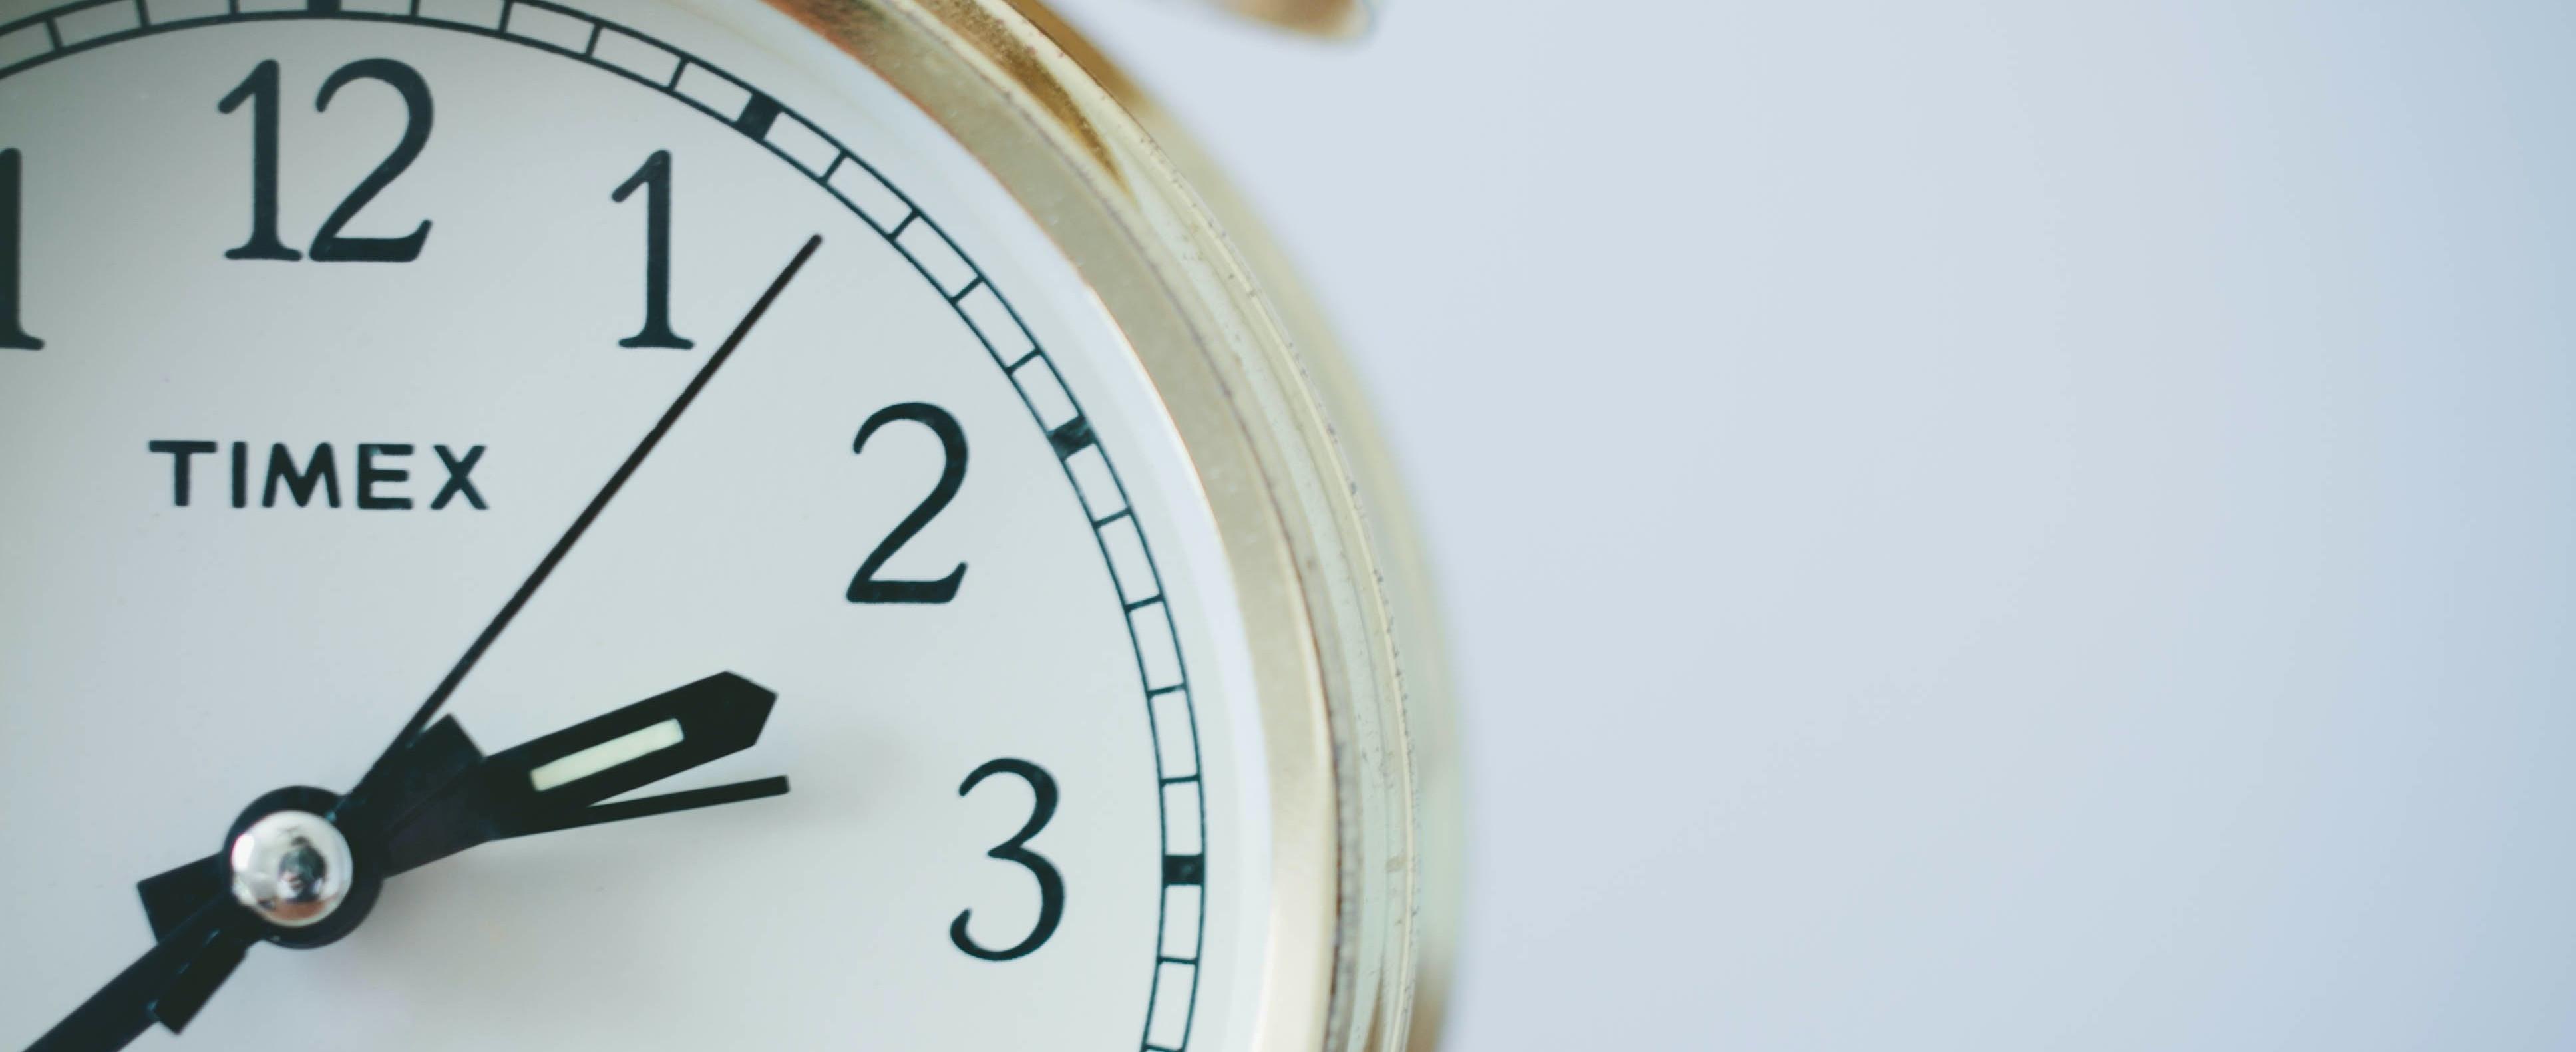 Hospitality marketing time image